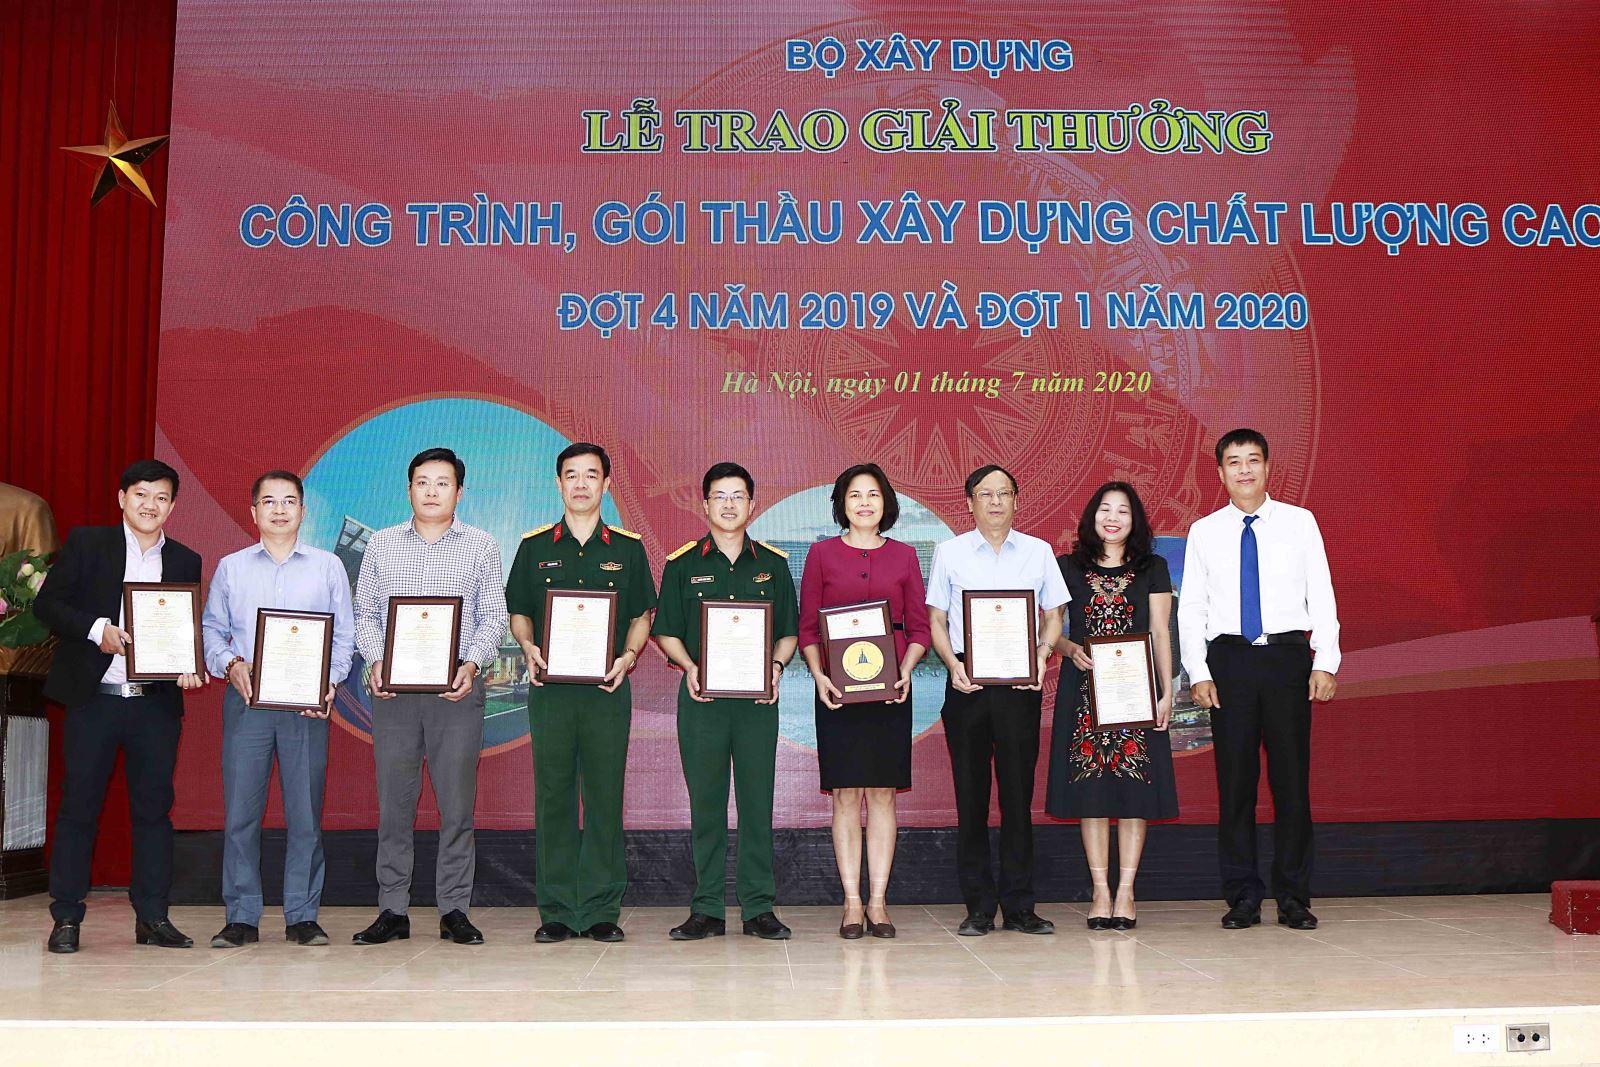 Cục trưởng Cục Giám định Nhà nước về chất lượng công trình xây dựng Phạm Minh Hà trao Giải cho các đơn vị